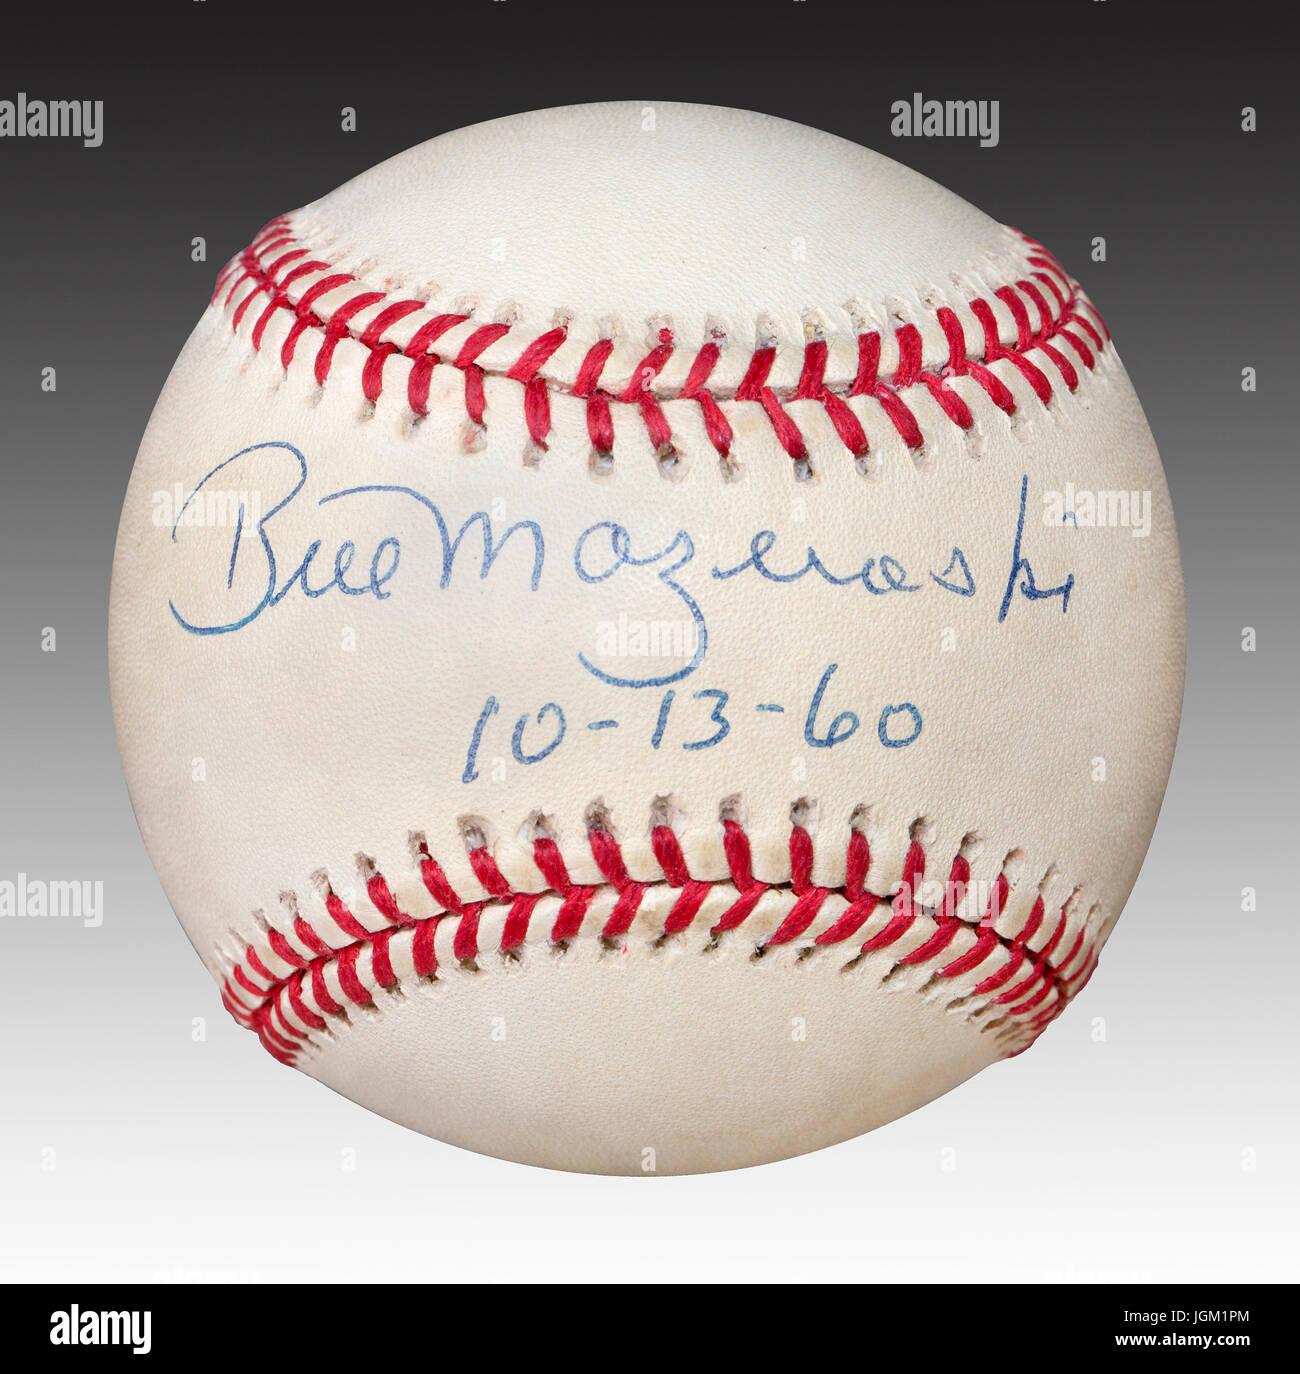 Baseballschläger datieren